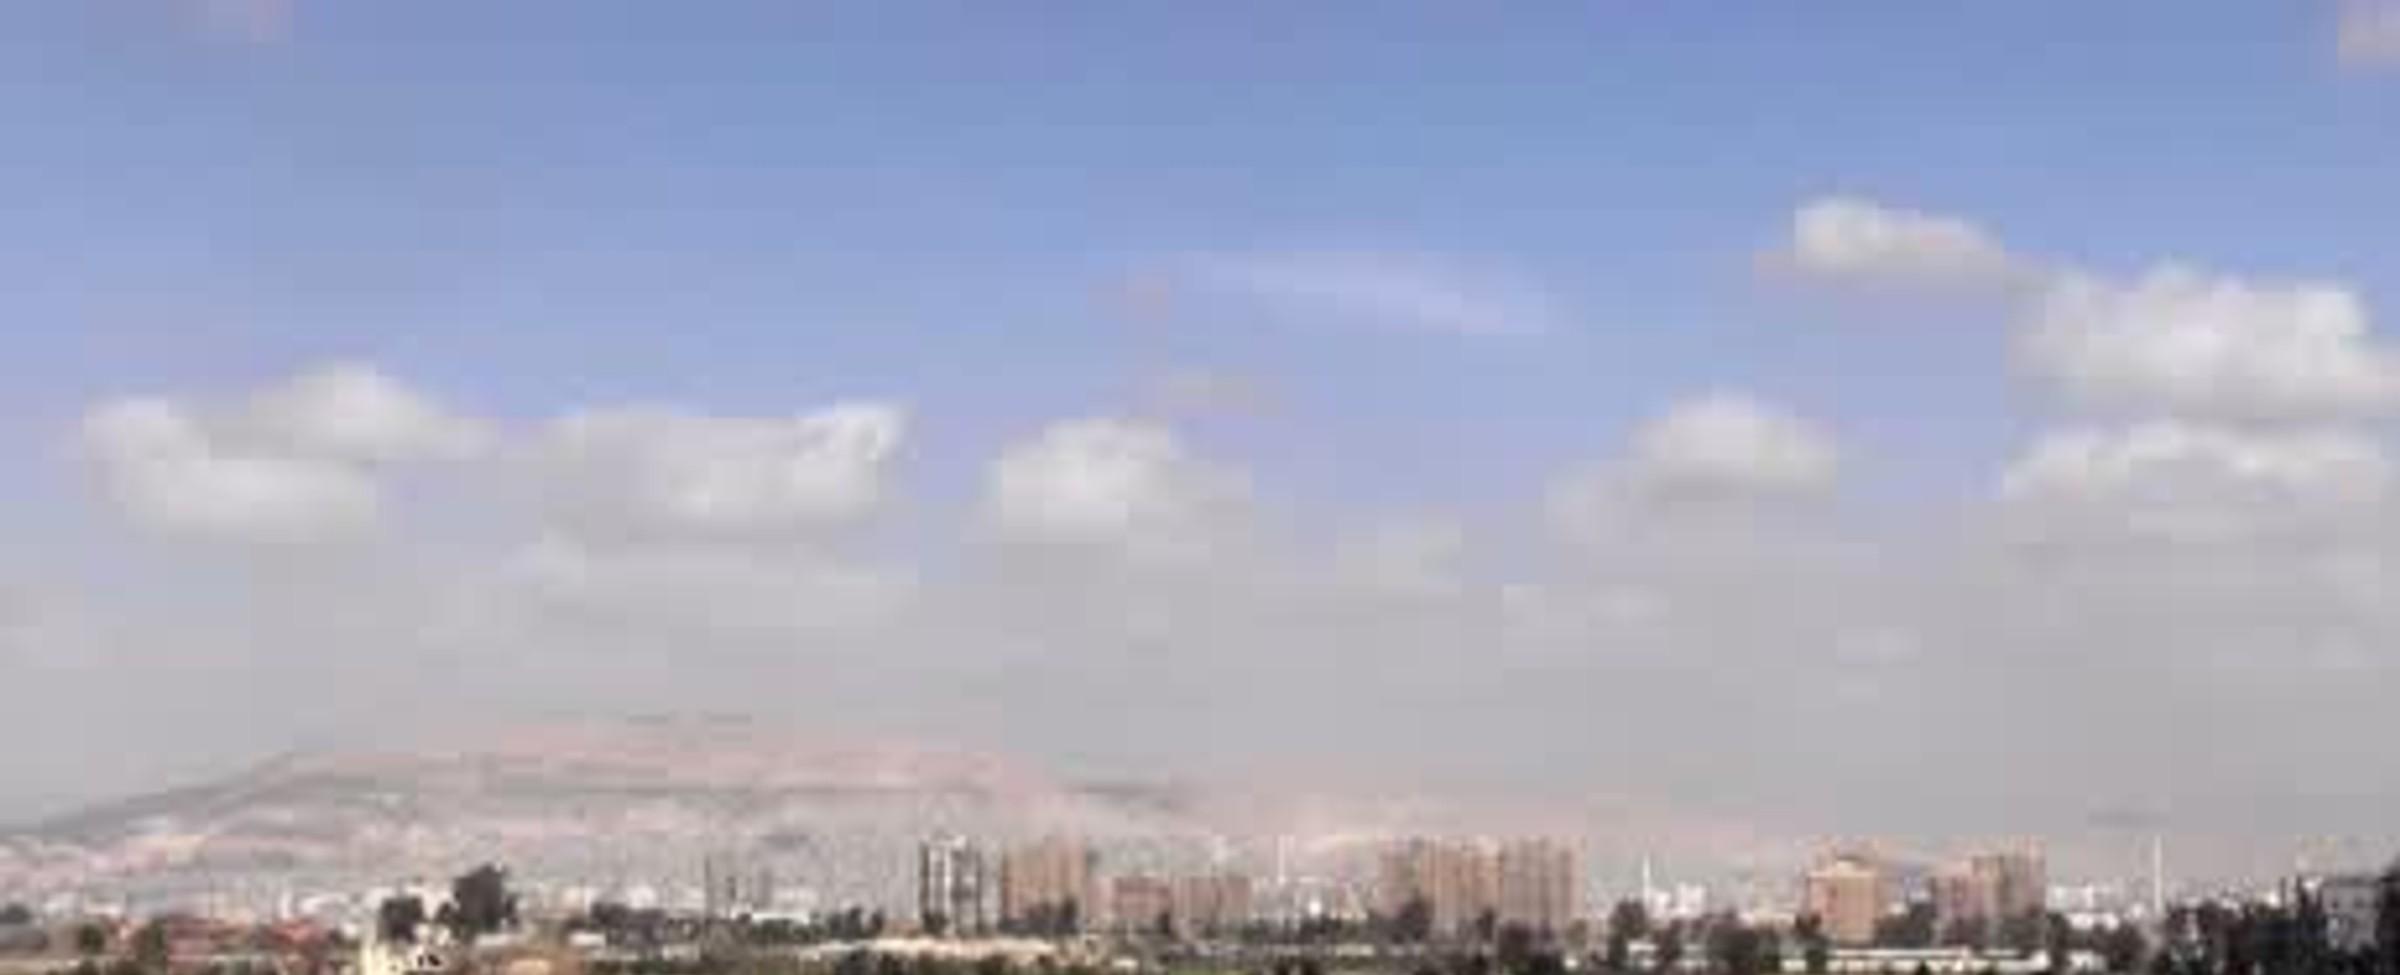 12 dní a nocí v Damašku